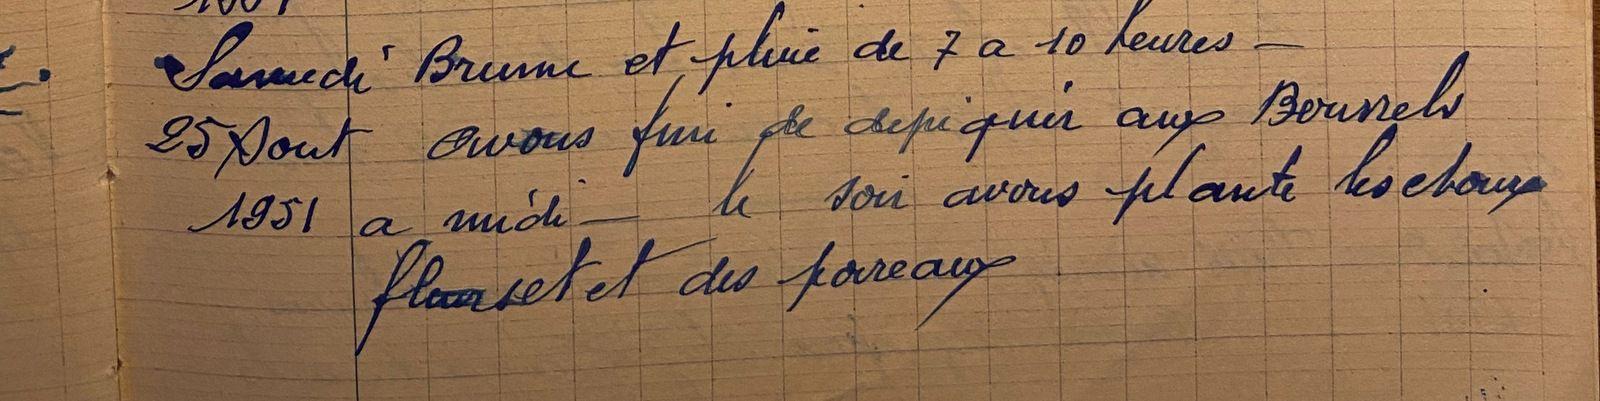 Samedi 25 août 1951 - Choux-fleurs